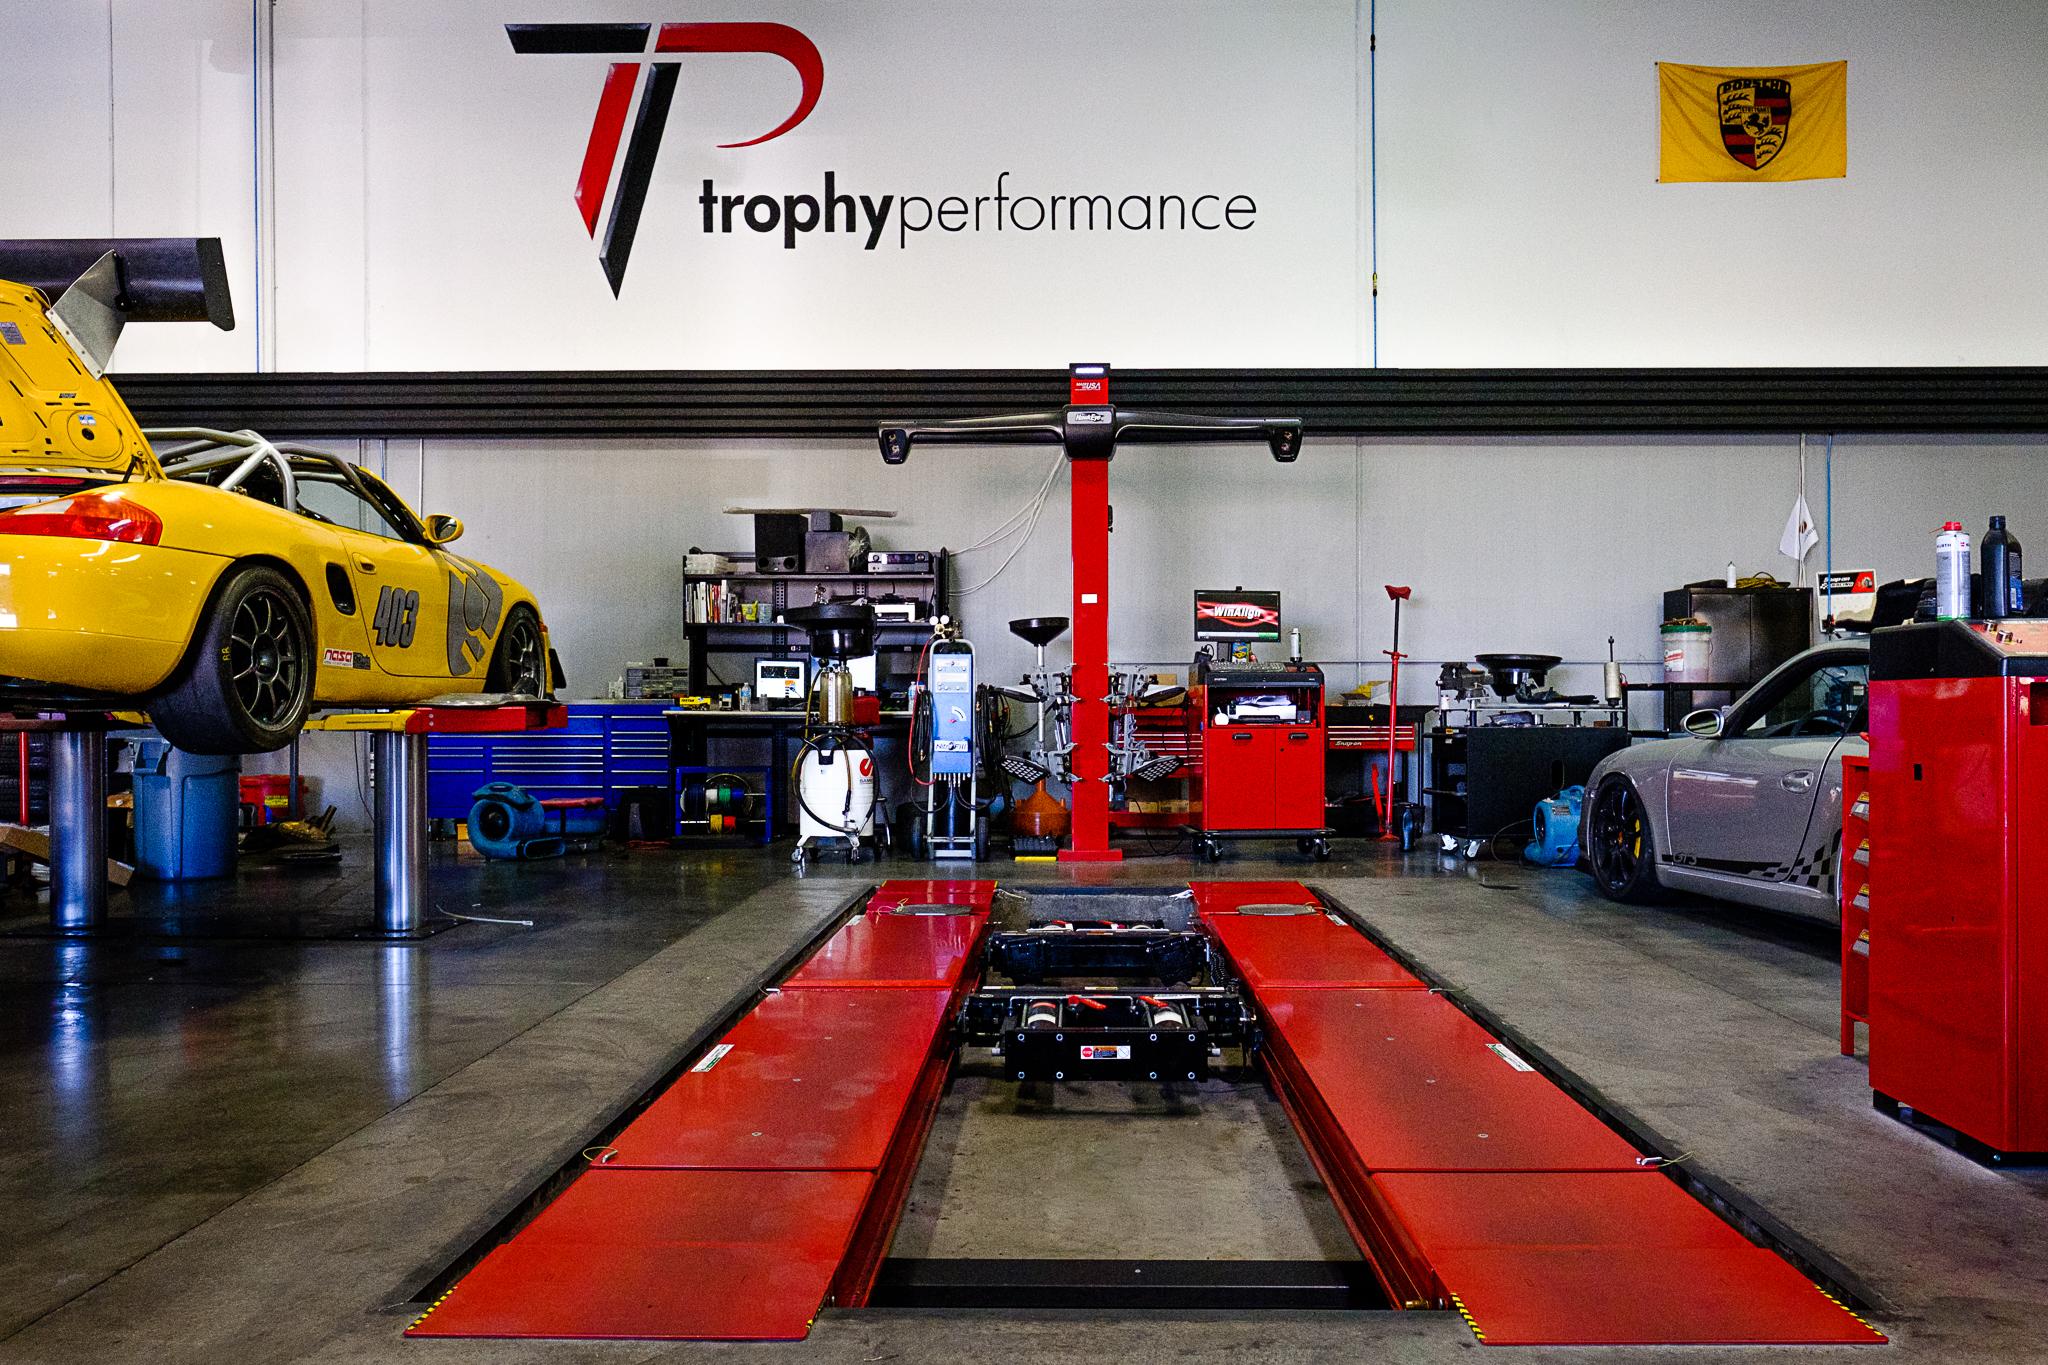 trophy-shop-4